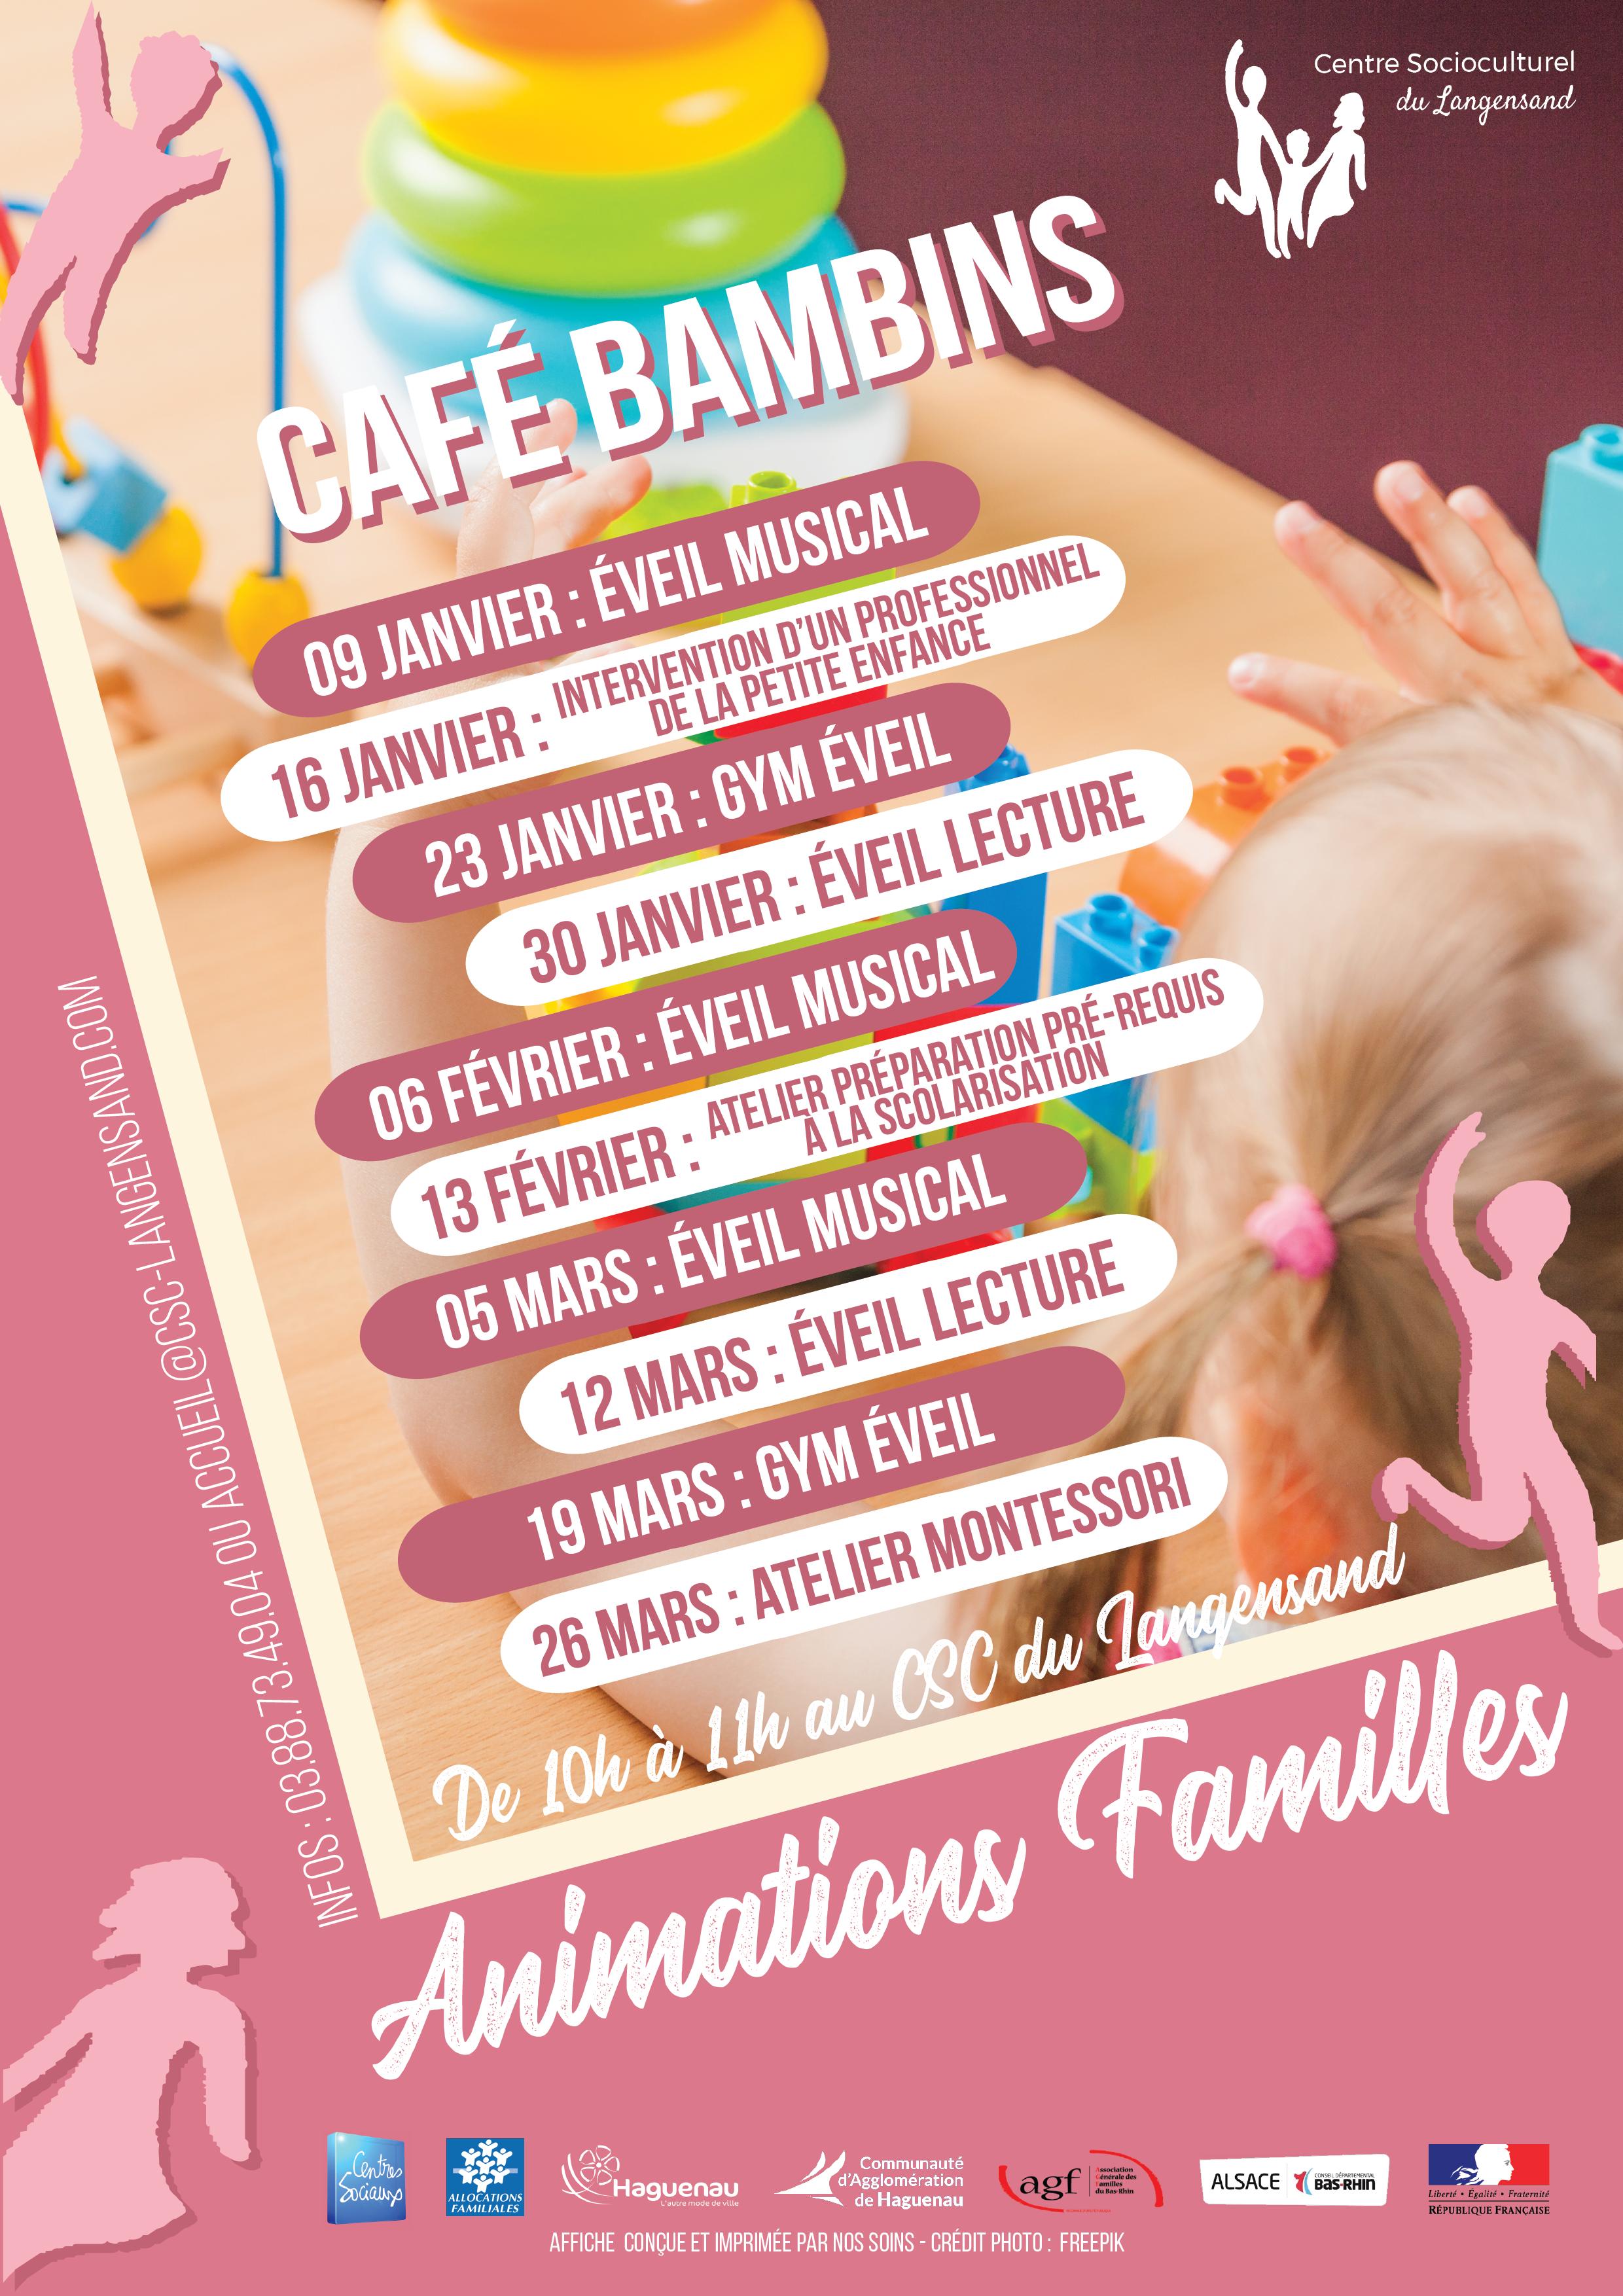 Animations Familles : Découvrez le programme « Café Bambins »